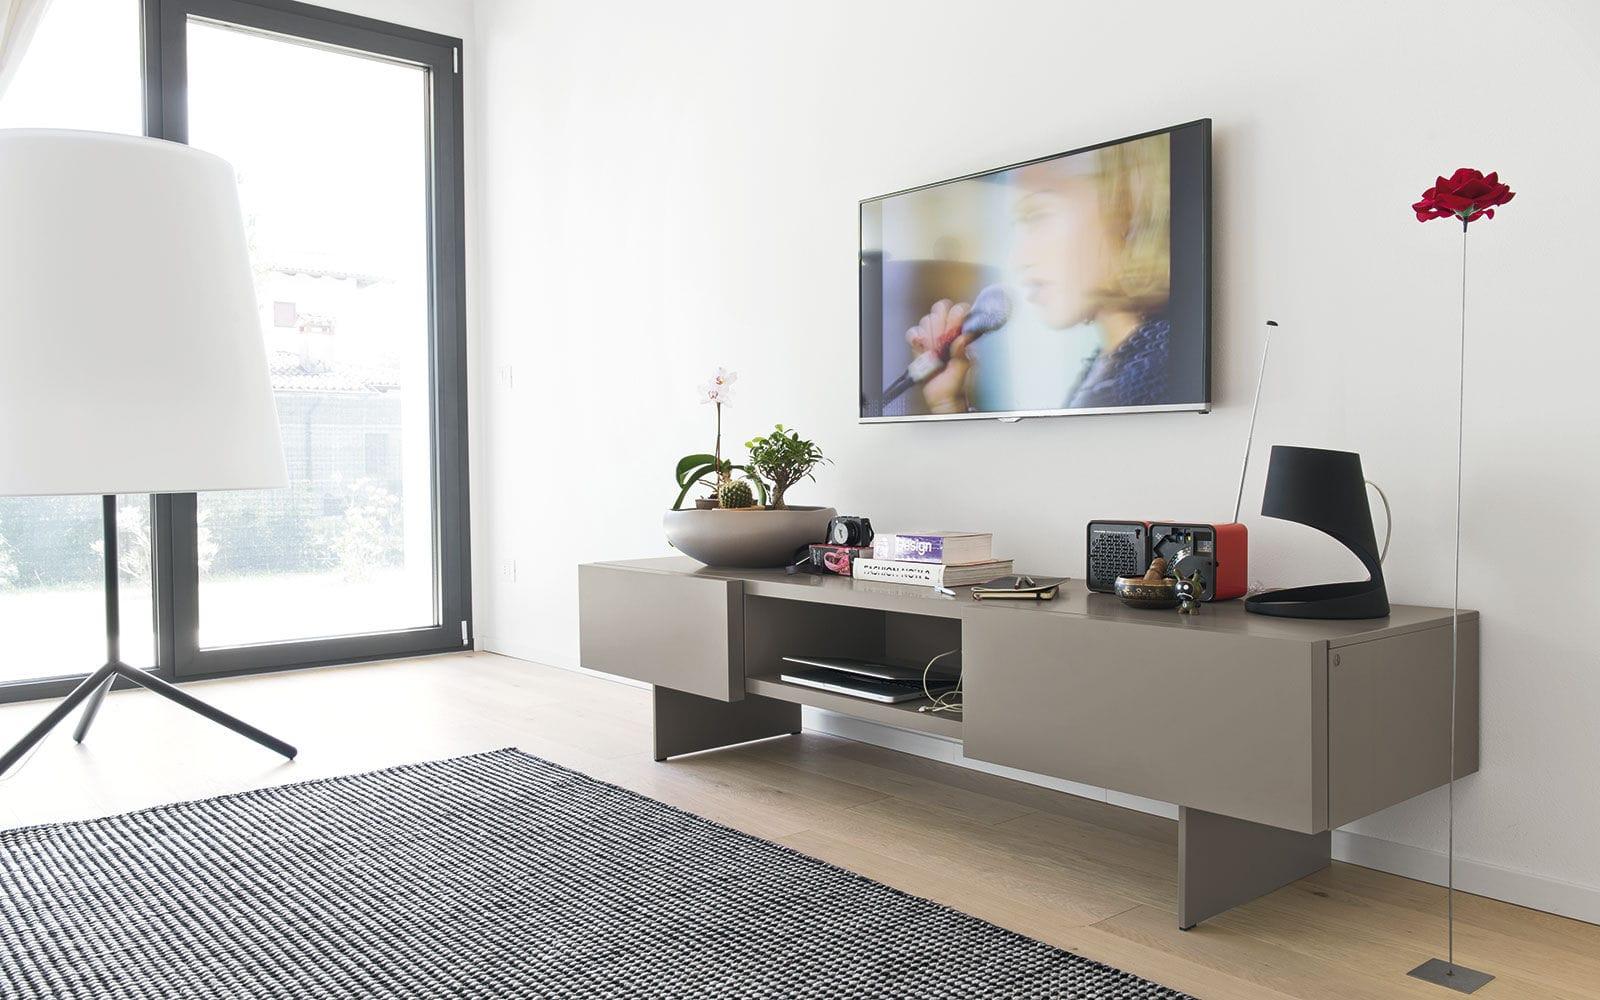 Calligaris Mobili Porta Tv.Mobile Porta Tv Moderno Lowboard In Legno In Metallo